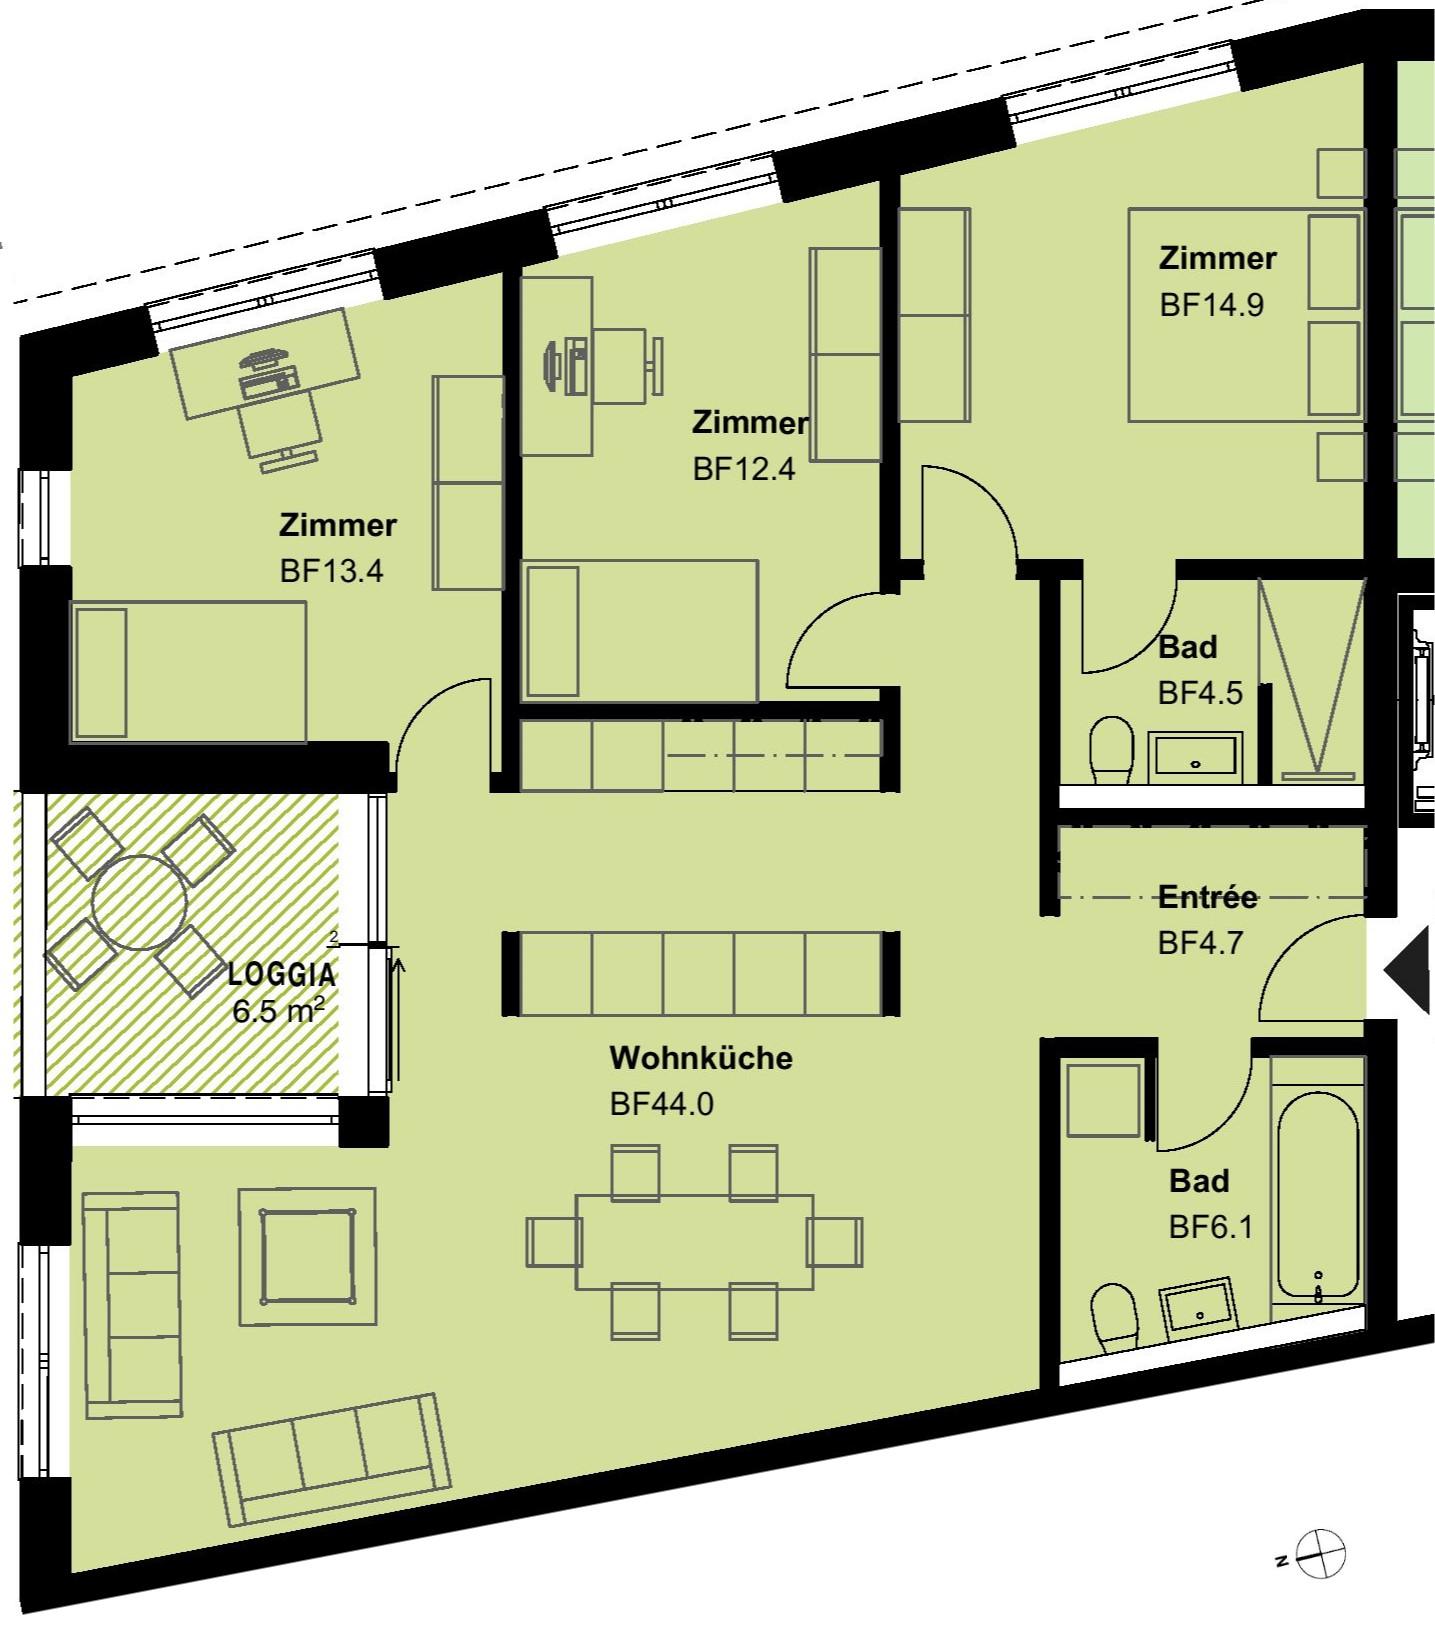 4.5 Zimmerwohnung mit Garten - Typ 2